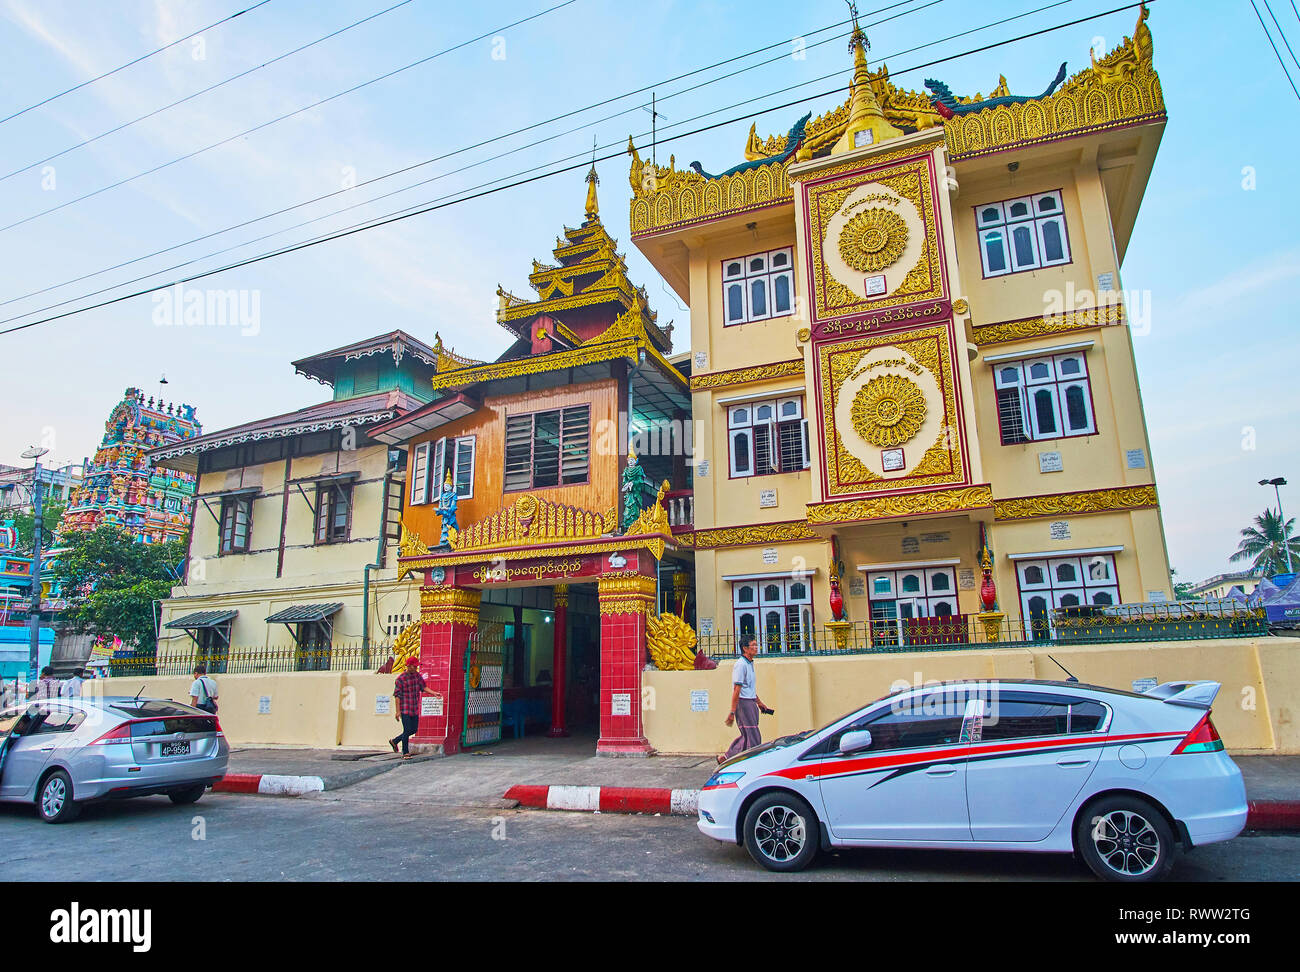 YANGON, Myanmar - Febrero 15, 2018: La ornamentada fachada del Monasterio Yarma Damikar esculpidos con decoraciones doradas y multitired pyatthat techo, en febrero Foto de stock